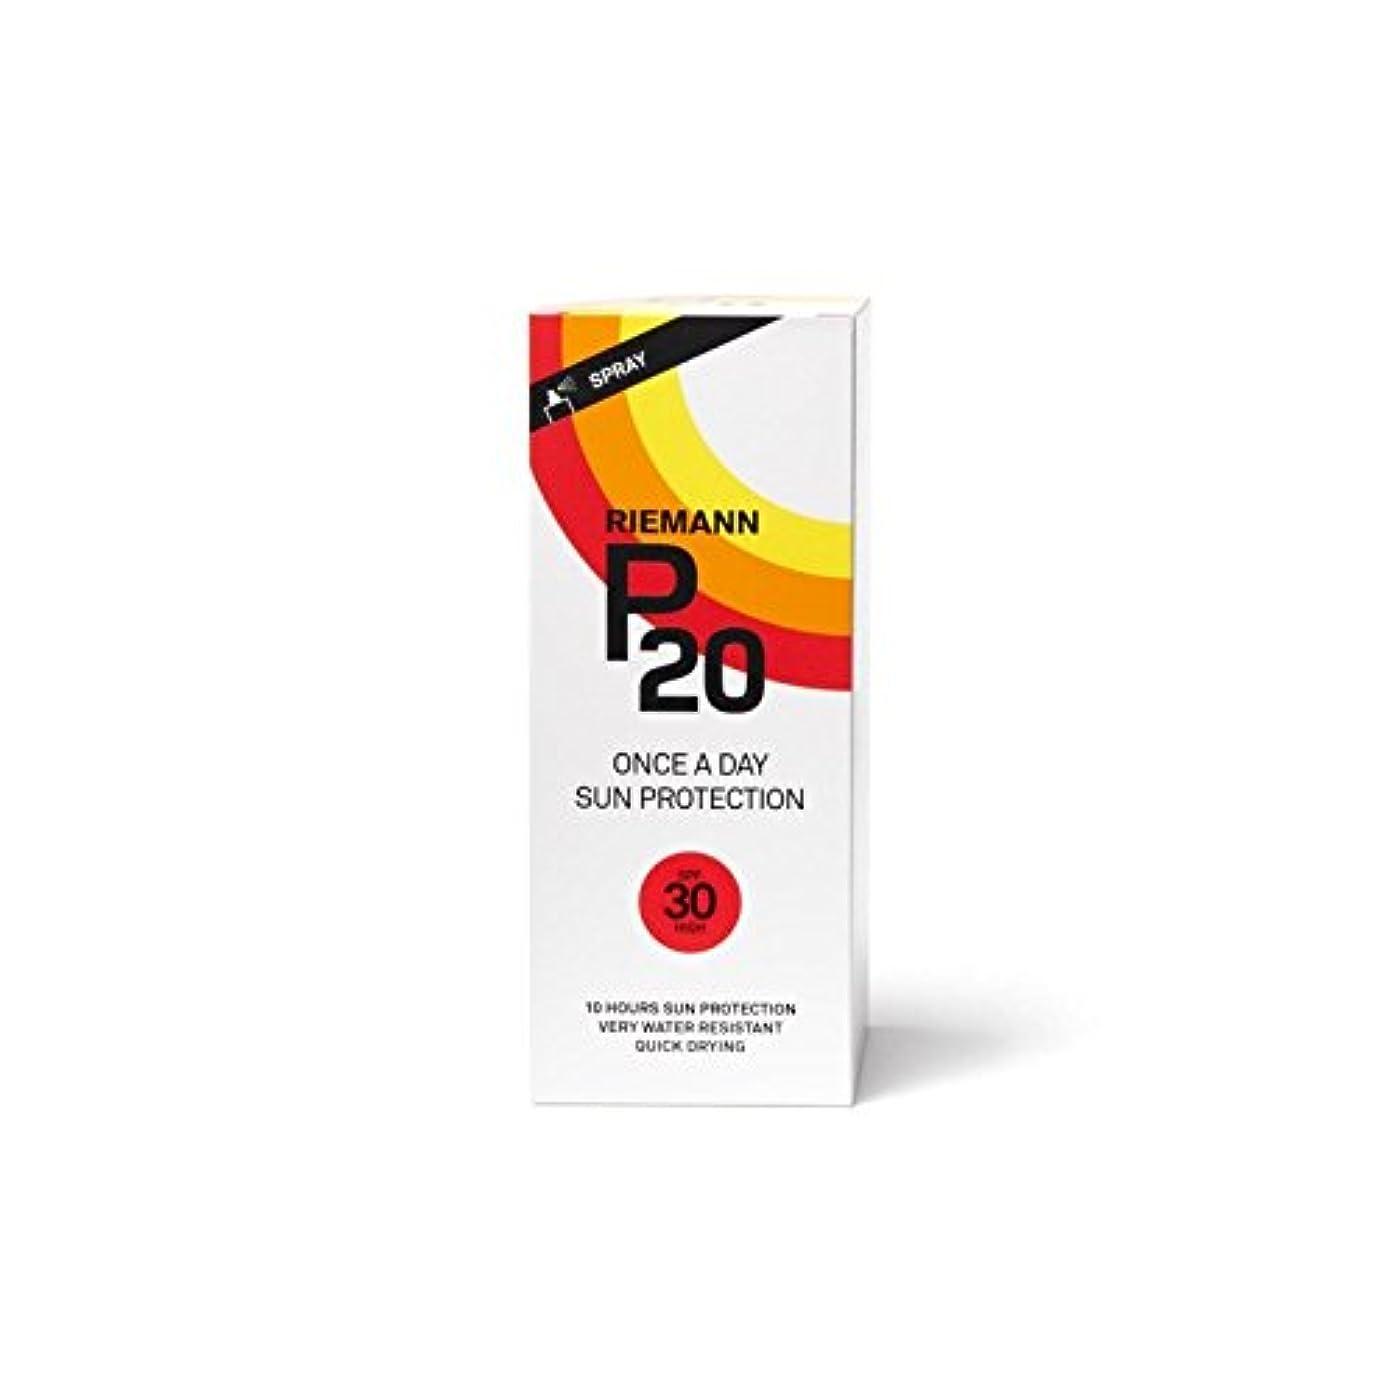 失望させるしっかり汚染されたRiemann P20 Sun Filter 200ml SPF30 (Pack of 6) - リーマン20のサンフィルター200ミリリットル30 x6 [並行輸入品]